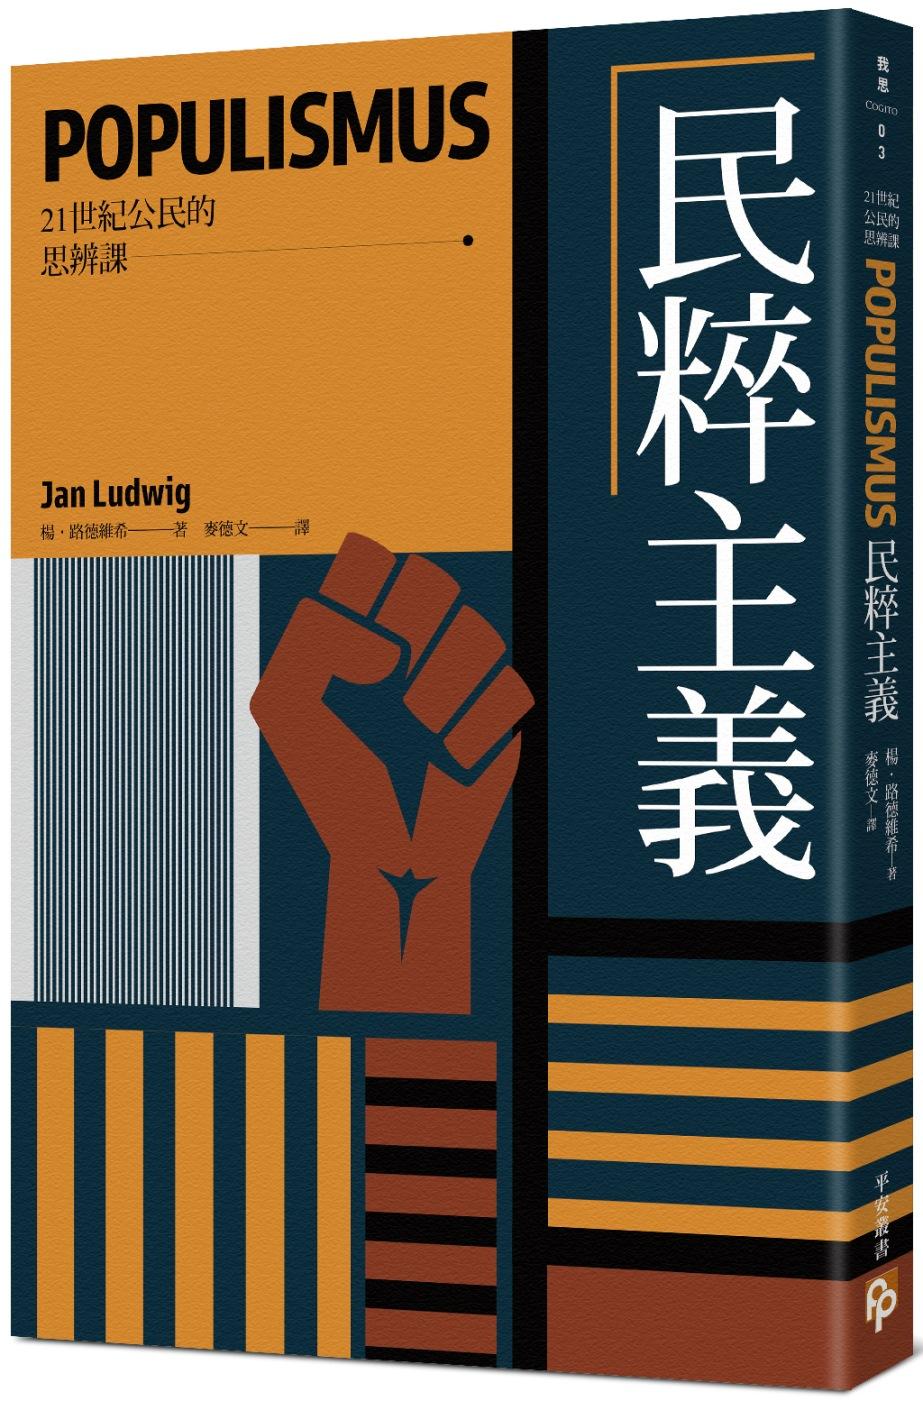 民粹主義【21世紀公民的思辨課...